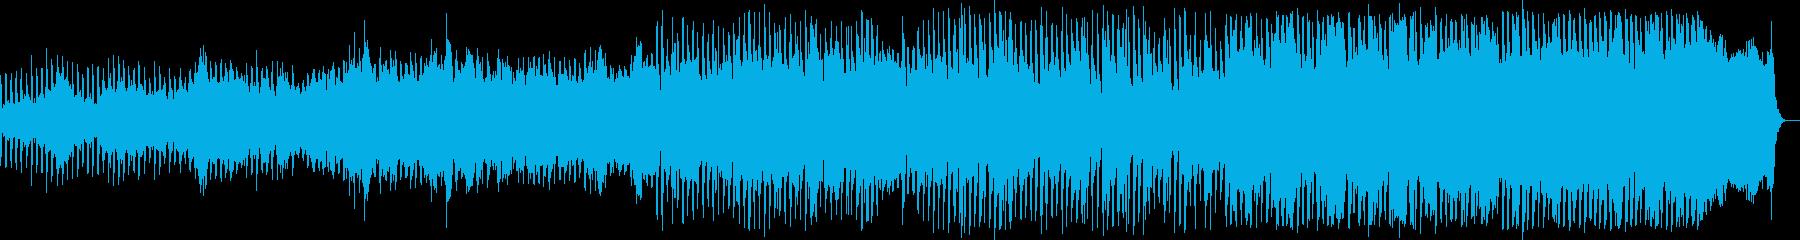 感動的な短調の弦楽室内アンサンブルの再生済みの波形